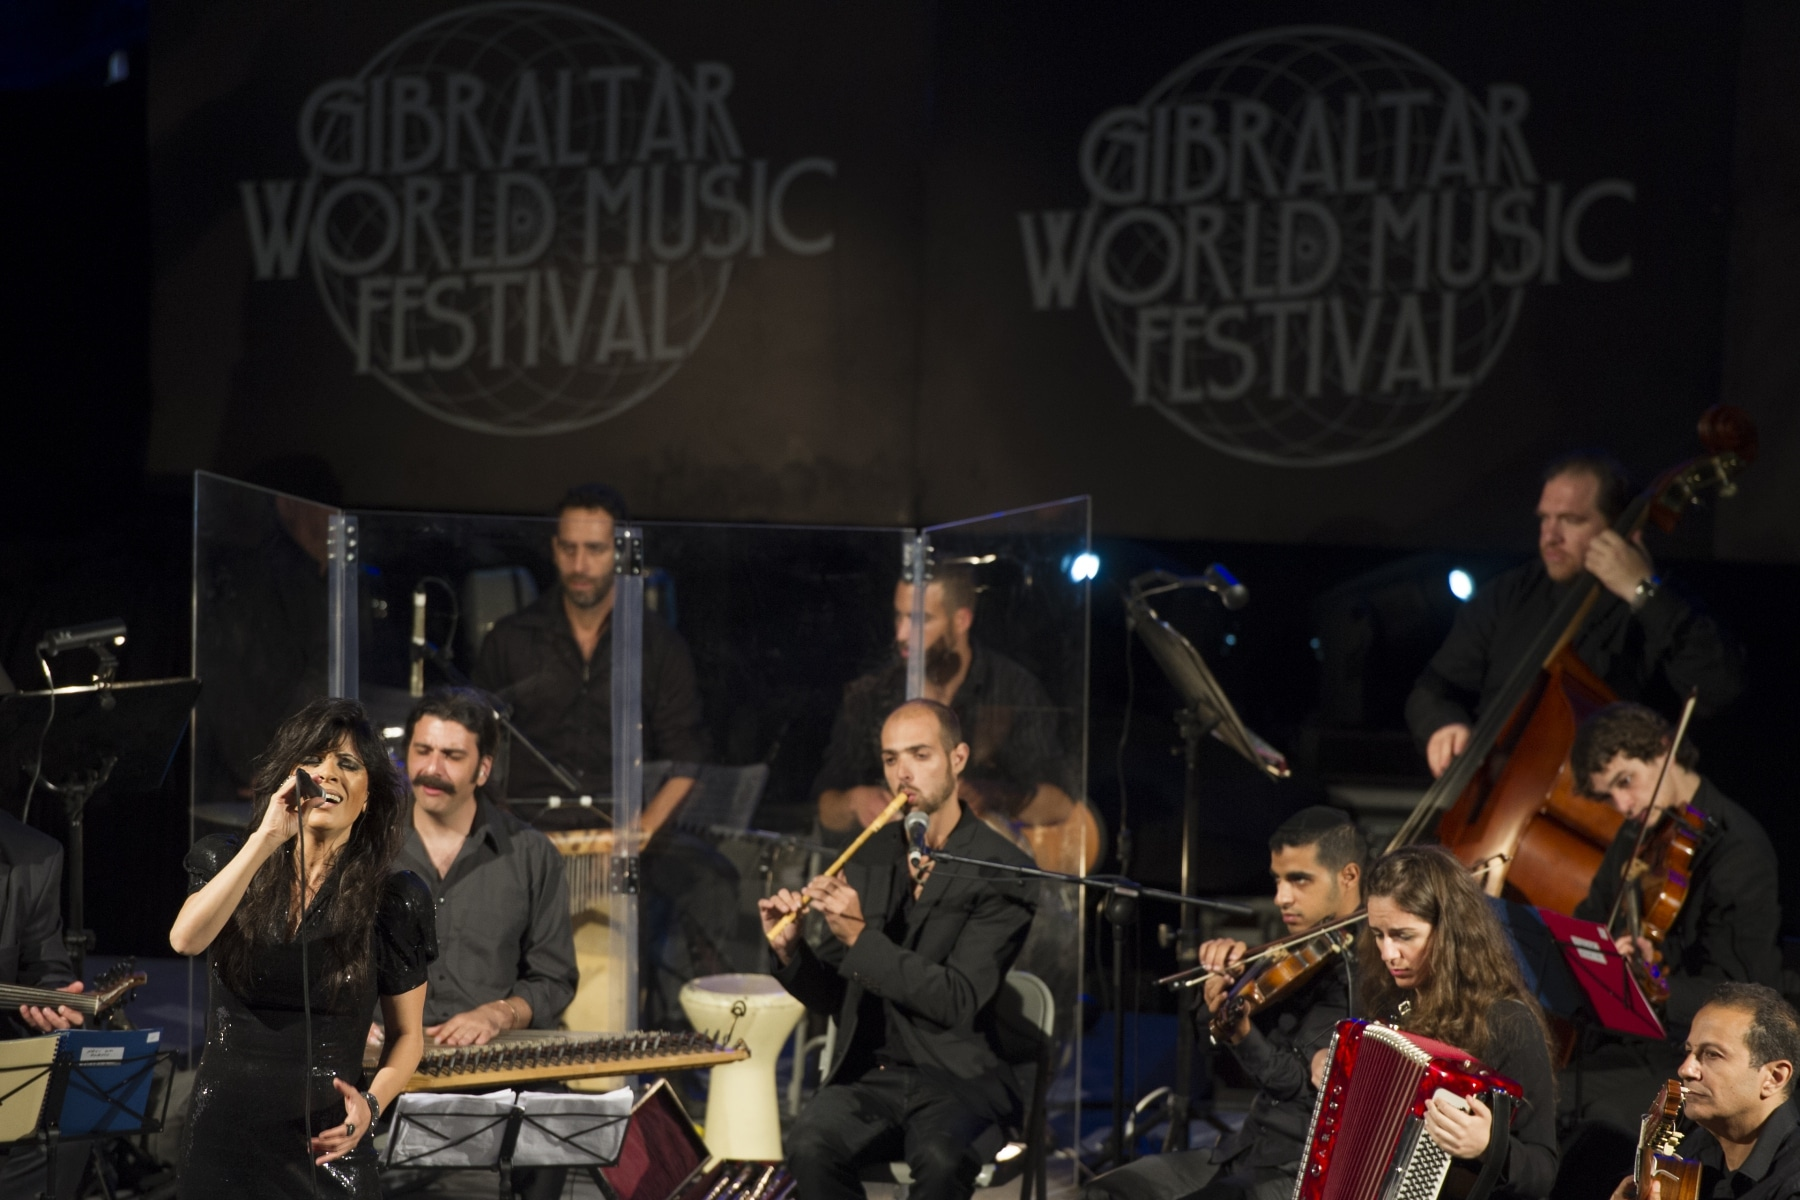 gibraltar-world-music-festival-dia-2-yasmin-levy-mediterranean-andalusian-orchestra-ashkelon-33_9225505310_o